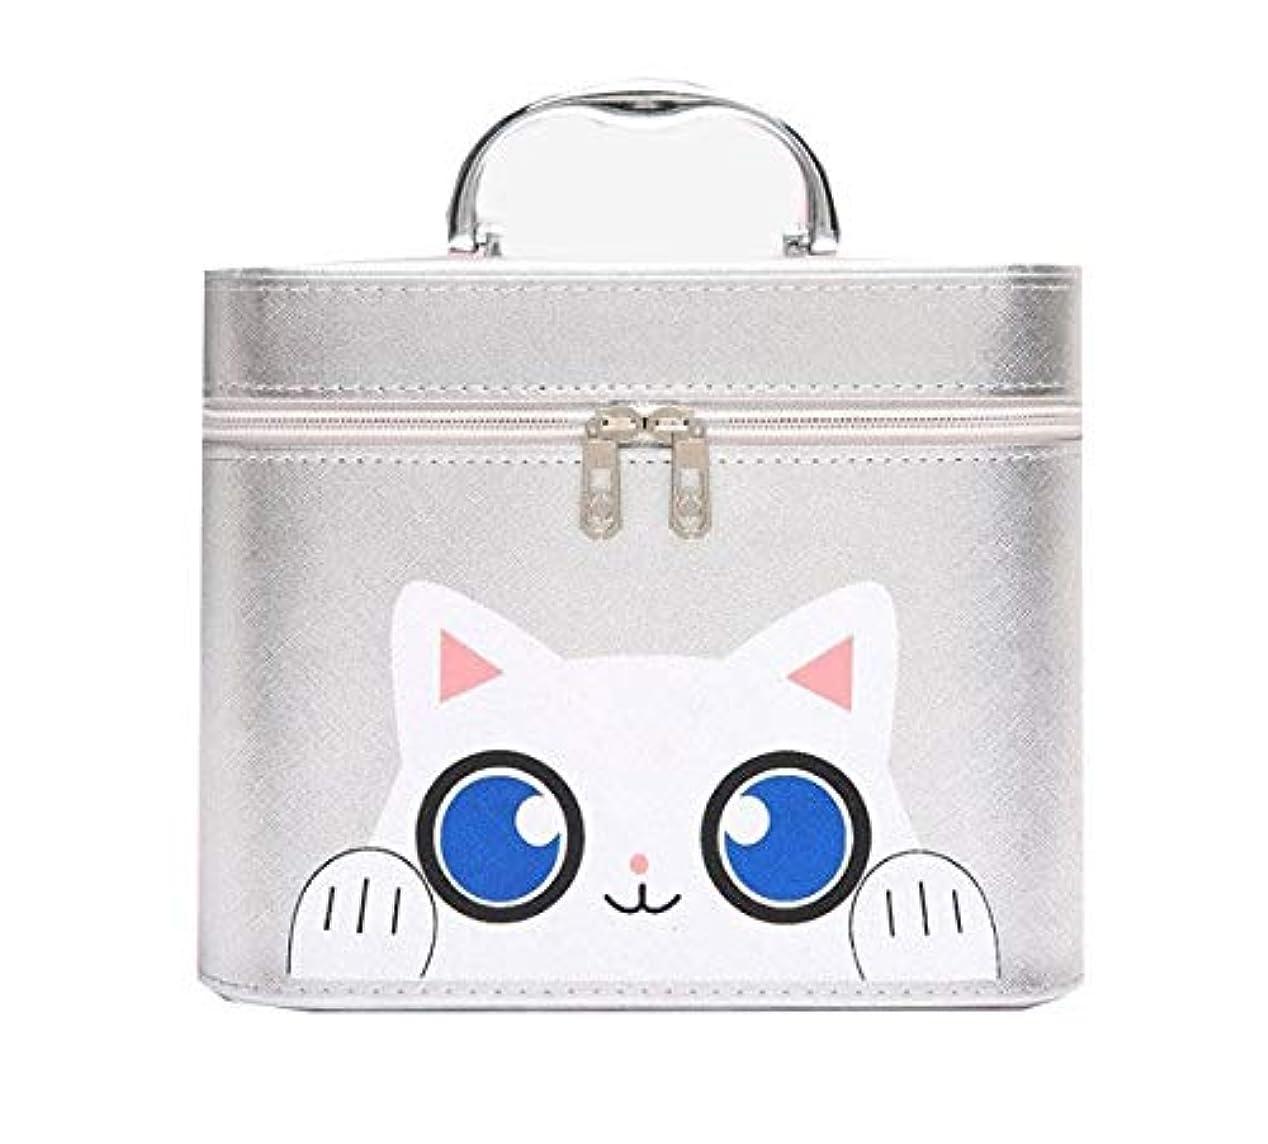 呼びかける遊びます相談化粧箱、シルバー漫画猫化粧品ケース、ポータブル旅行化粧品ケース、美容ネイルジュエリー収納ボックス (Size : L)